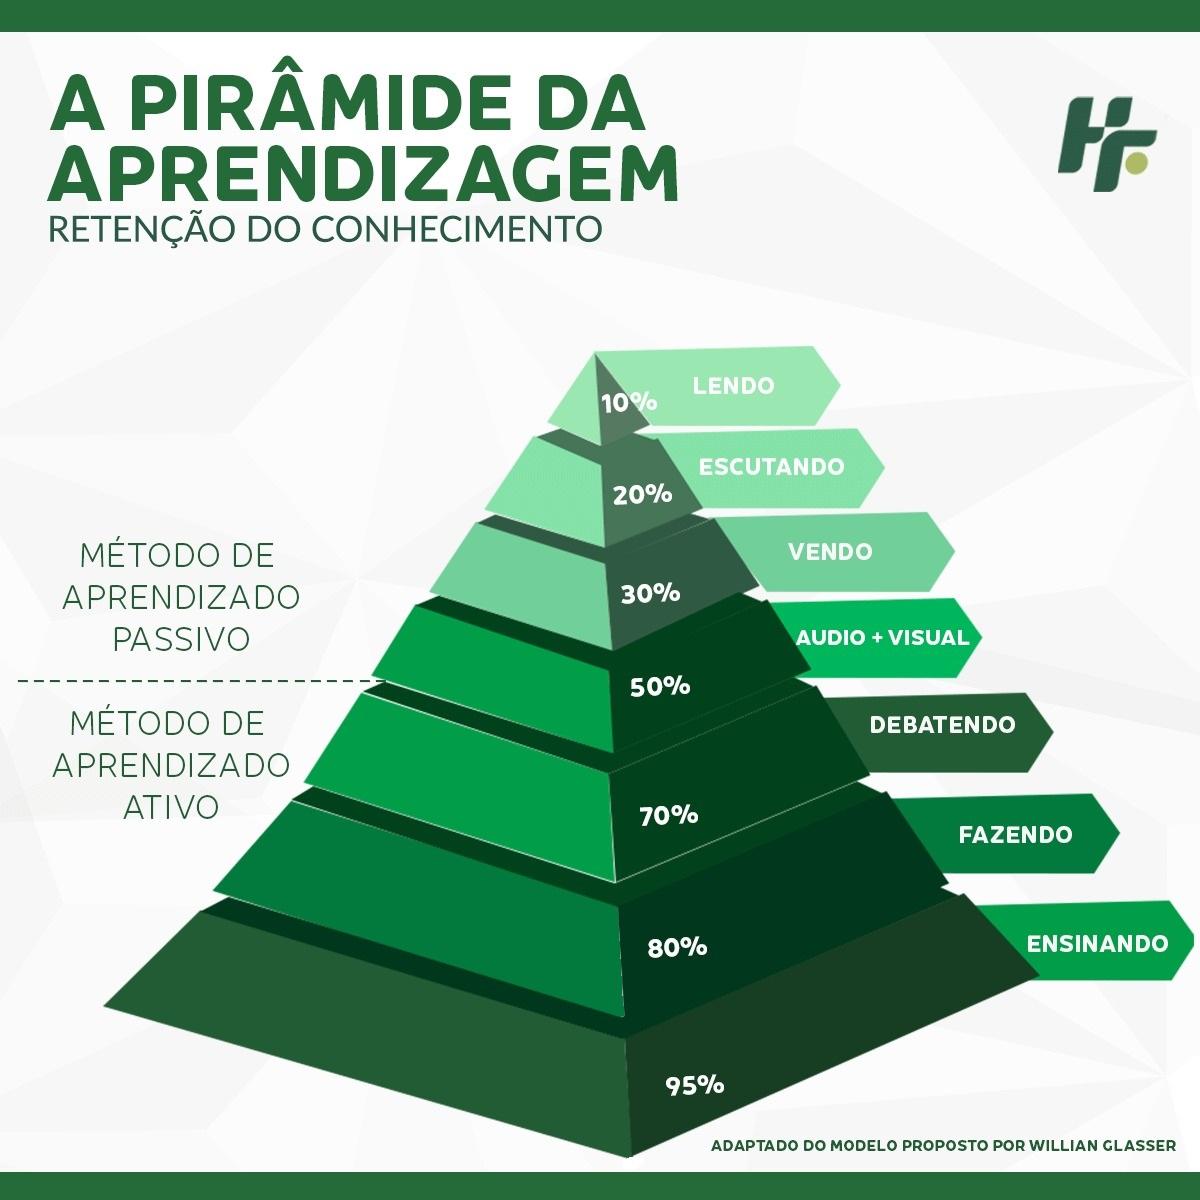 Pirâmide da aprendizagem - A melhor forma de estudar (e aprender!) é ensinando